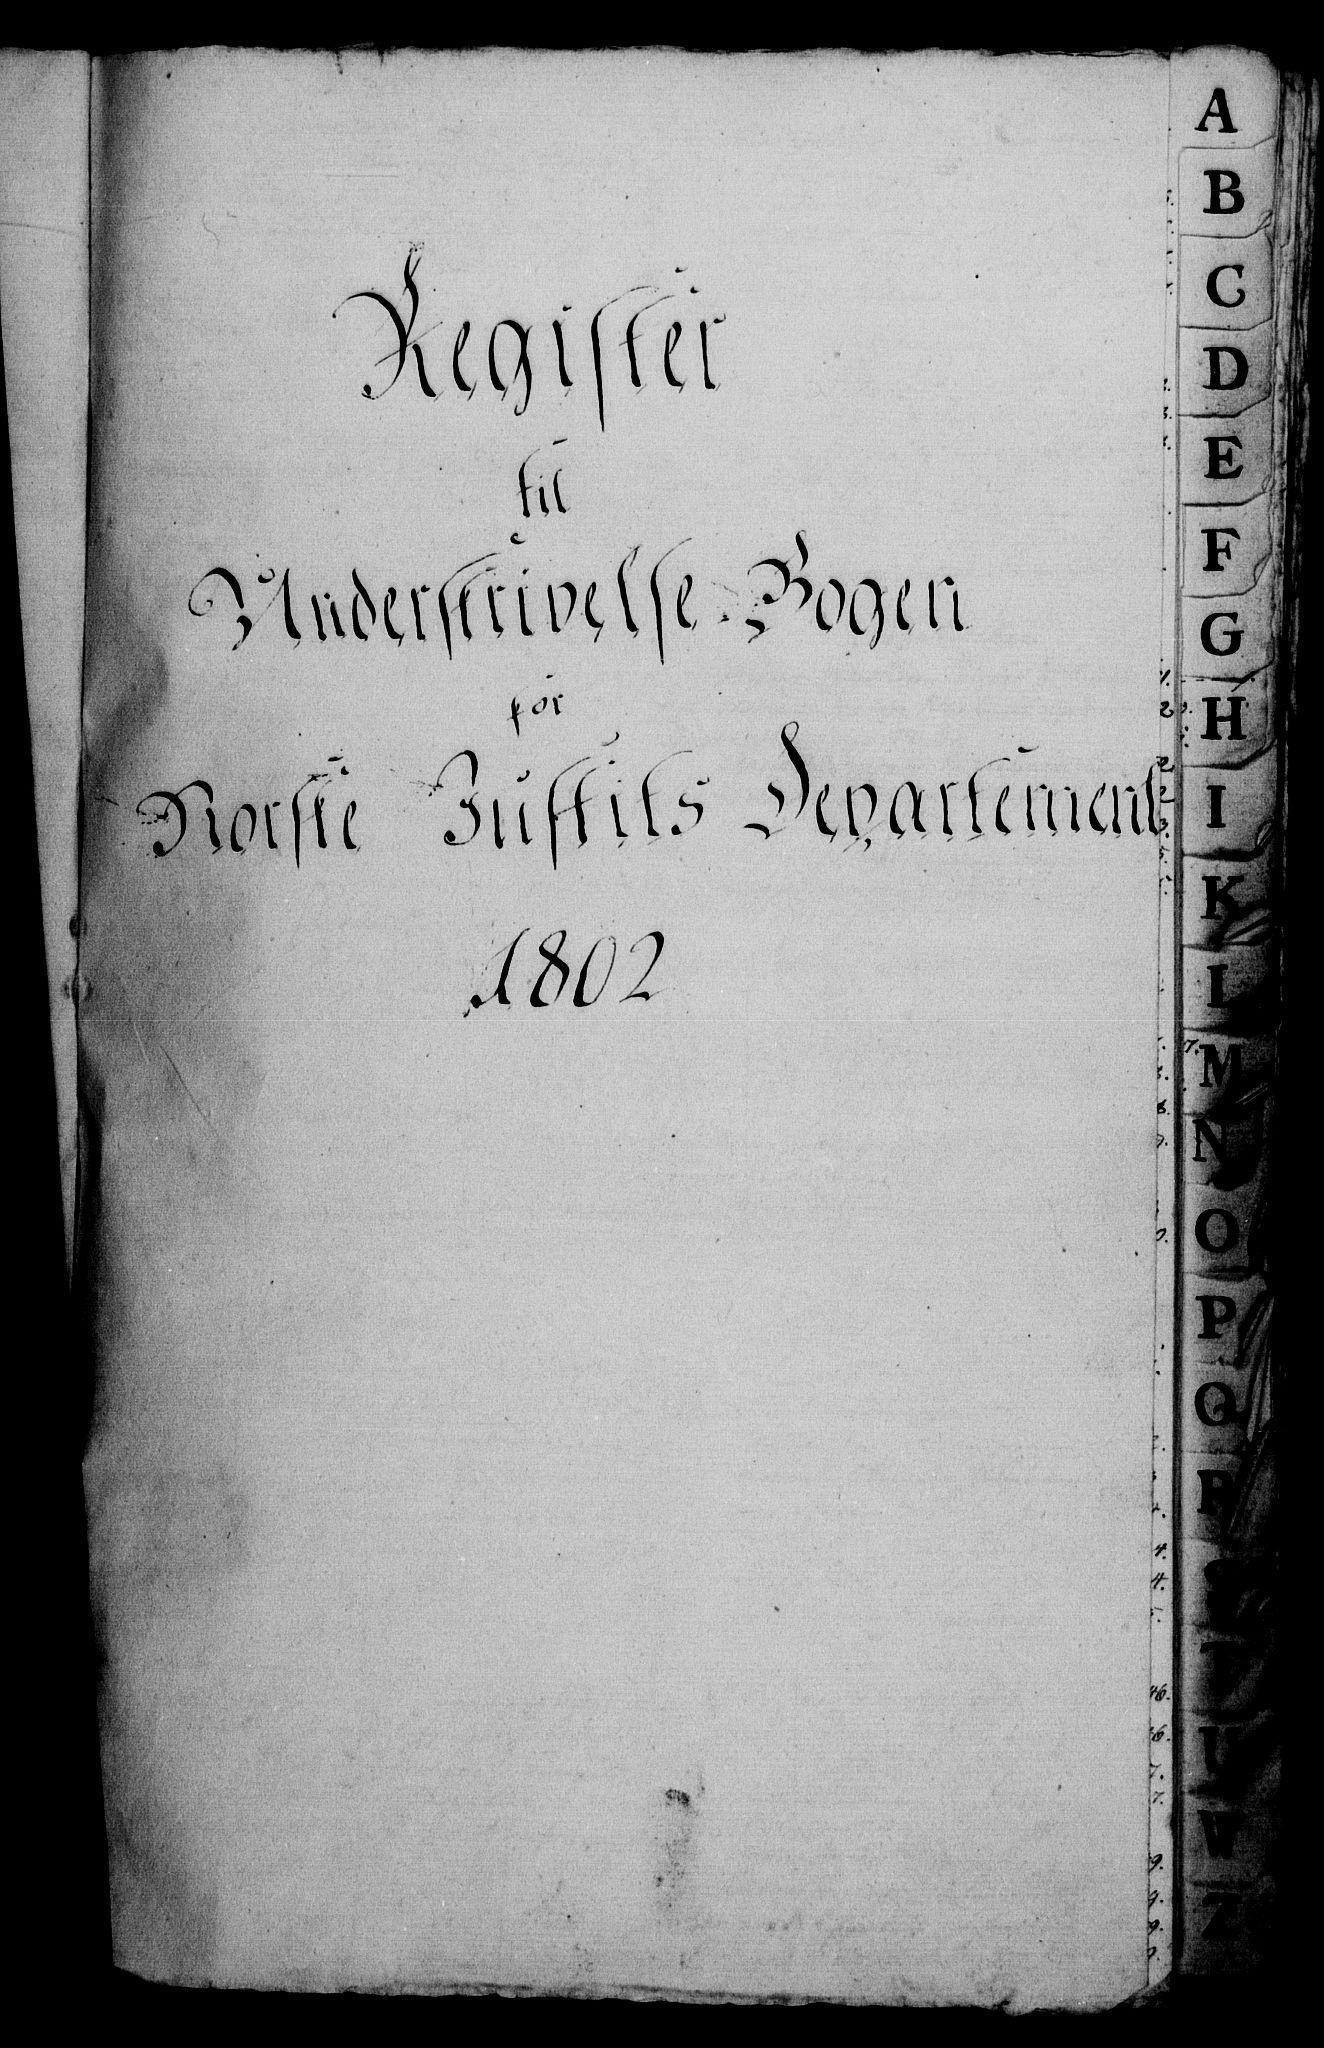 RA, Danske Kanselli 1800-1814, H/Hf/Hfb/Hfbc/L0003: Underskrivelsesbok m. register, 1802